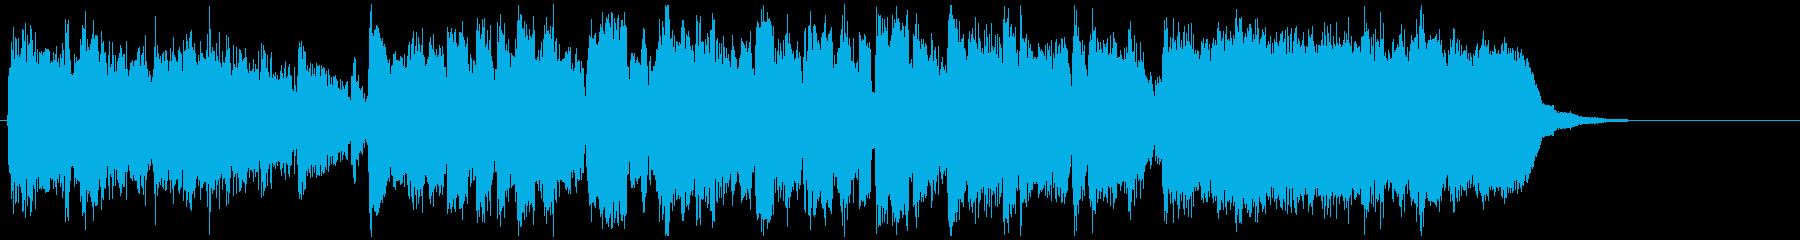 ミステリアス民族系フュージョンジングルの再生済みの波形